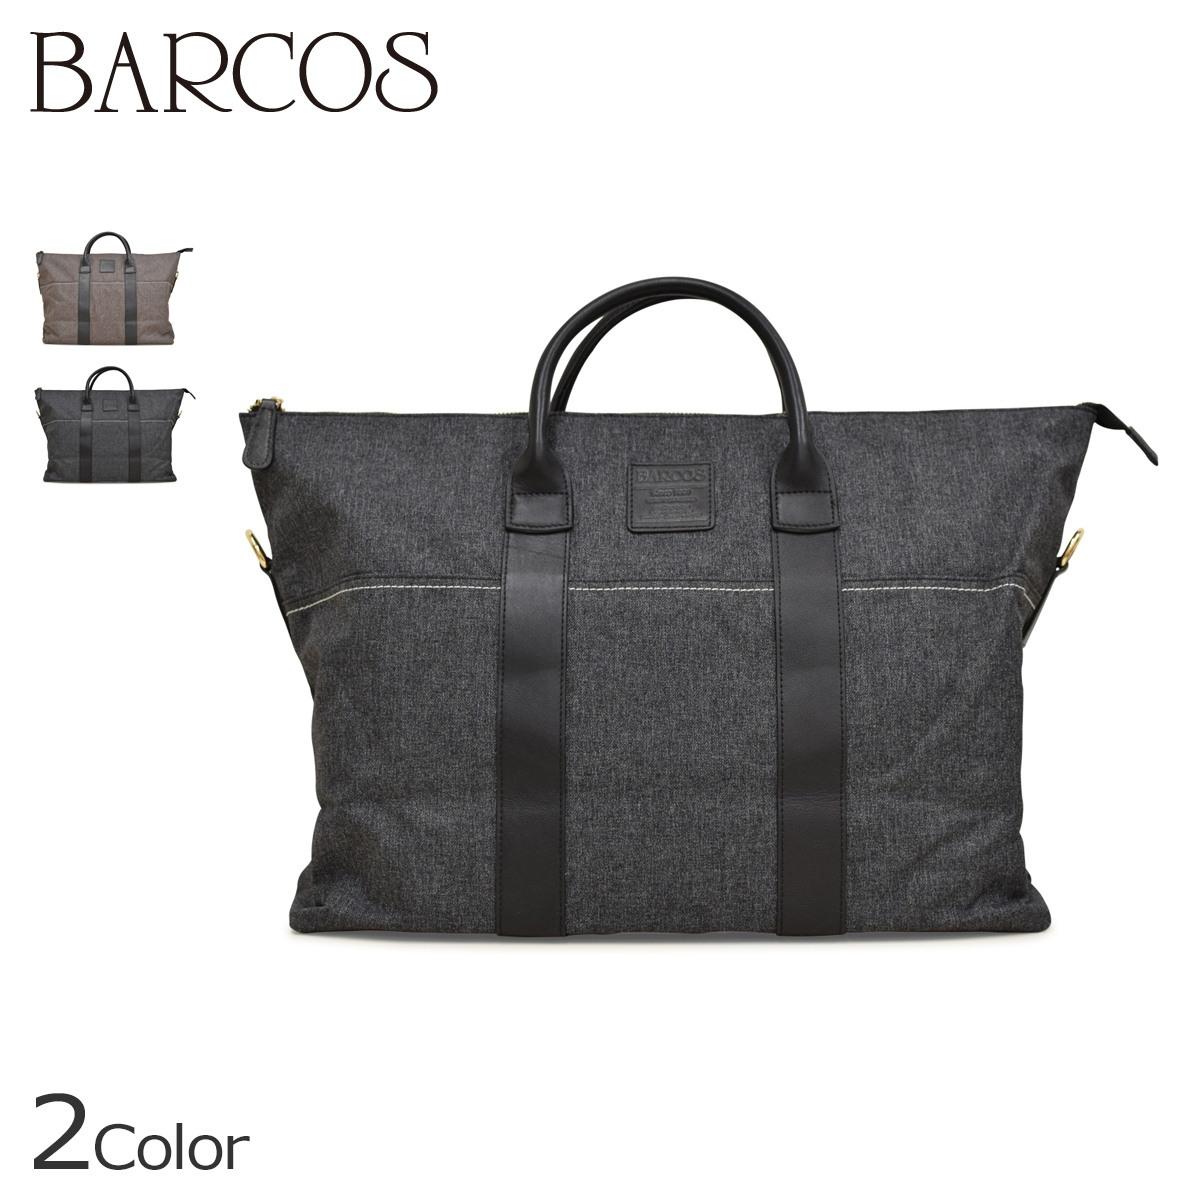 【送料無料】 バルコス バッグ レディース ハンドバッグ BARCOS カバン ビッグキャンバスバッグ